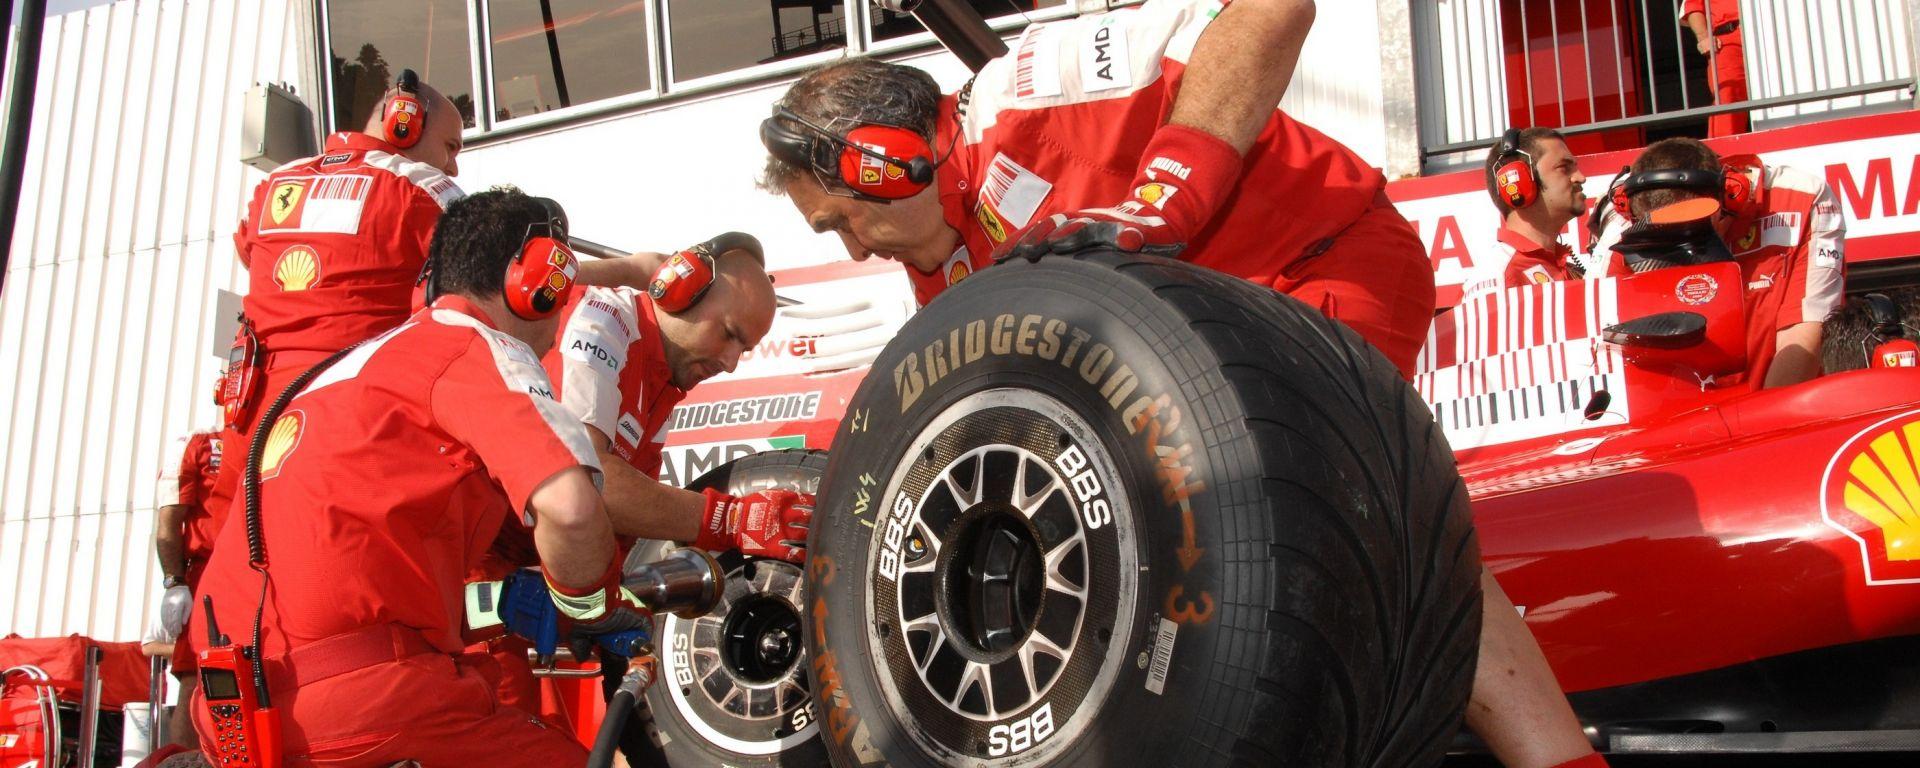 Scuderia Ferrari in mostra a Torino con Gianfranco Avallone